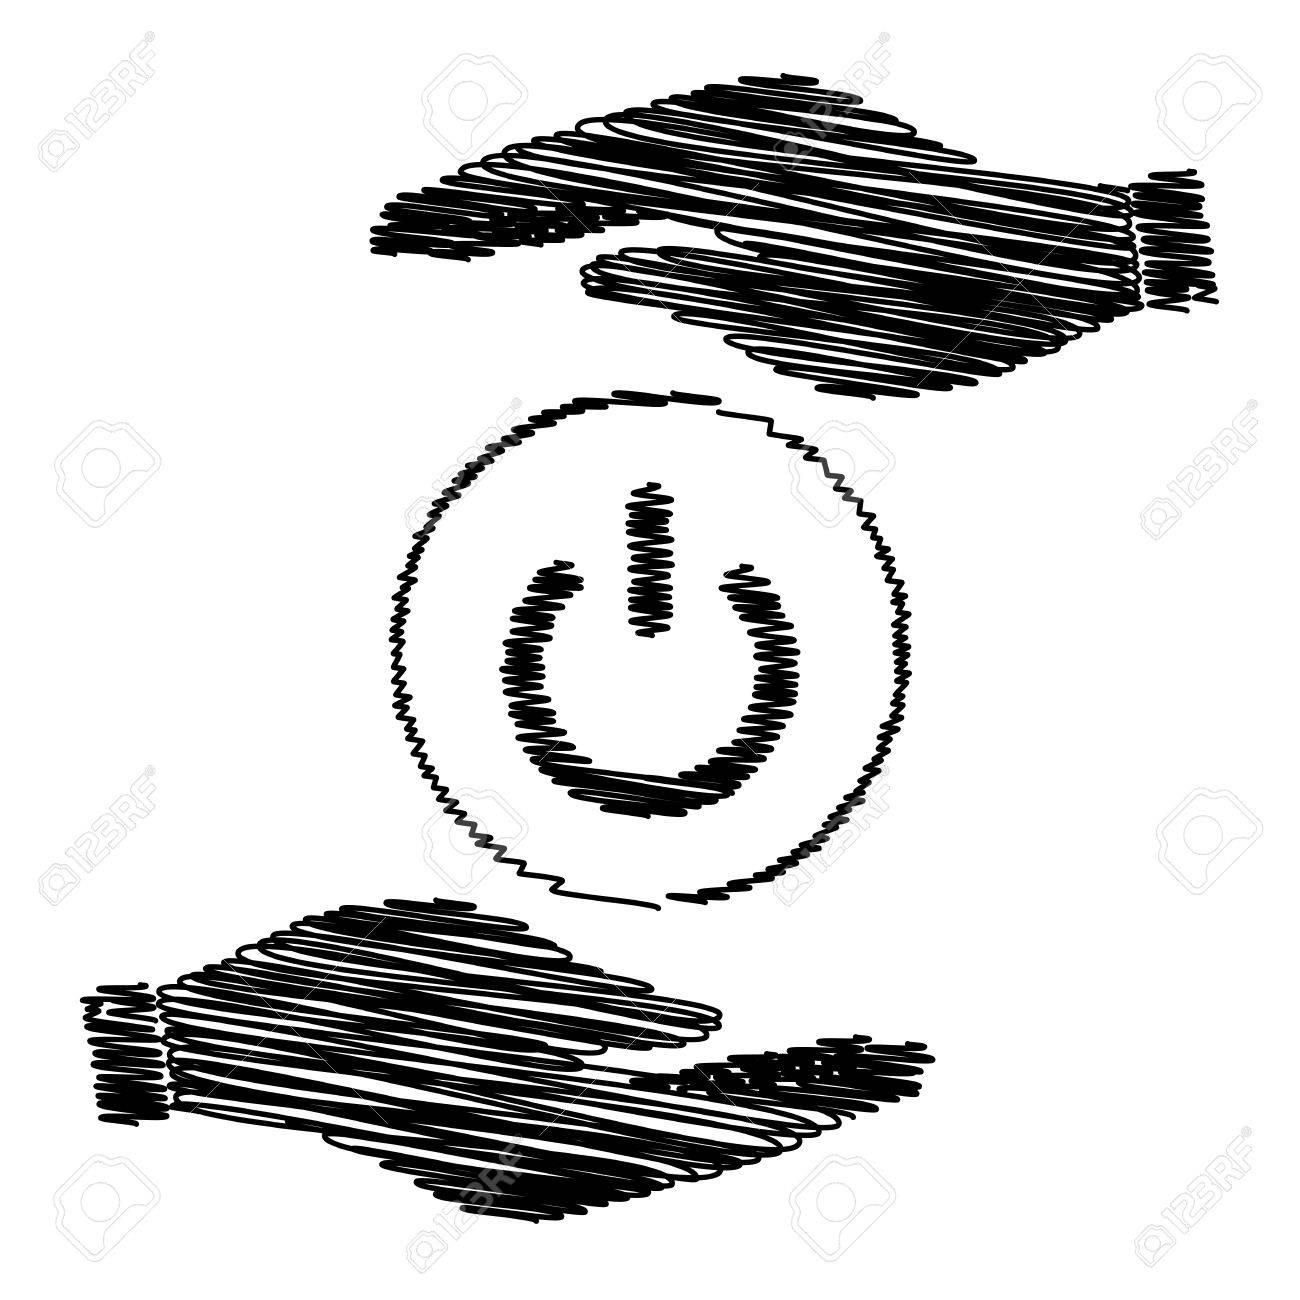 Ein Aus-Schalter Zeichen. Speichern Oder Schützen Symbol Von Händen ...